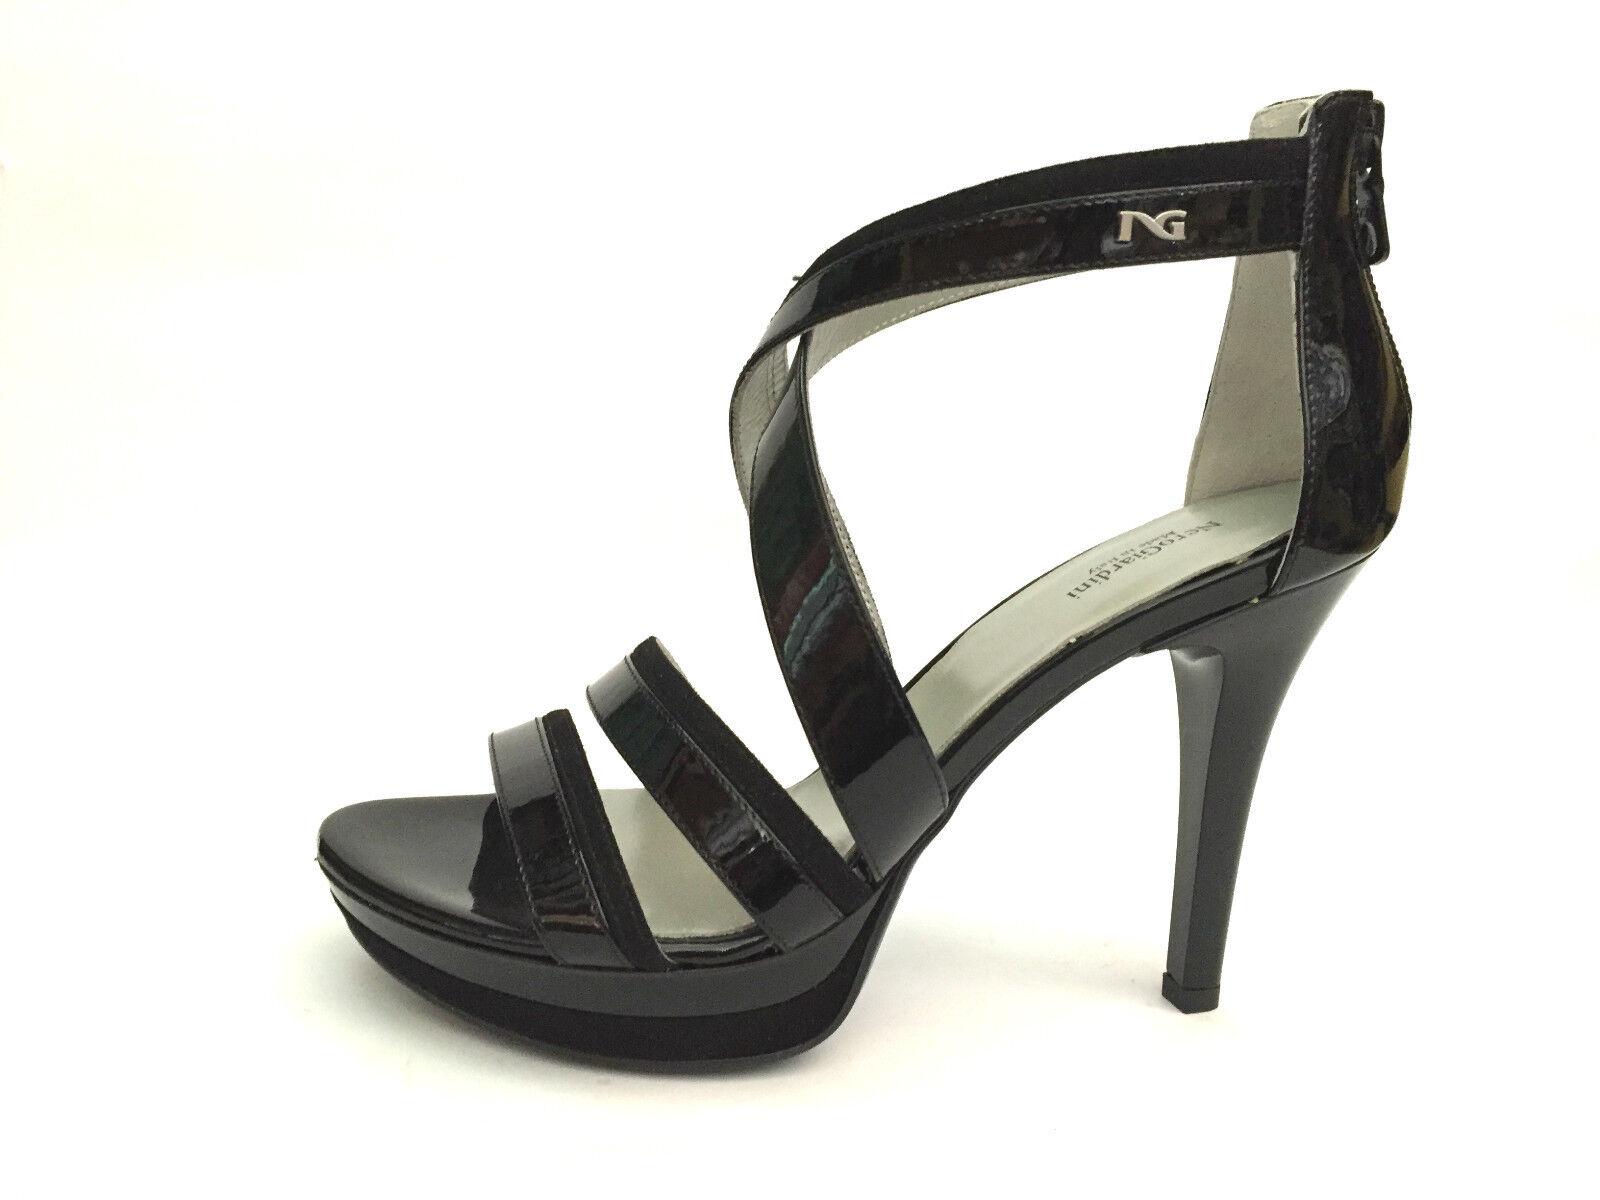 SCARPE P615750D DONNA DONNA DONNA NERO GIARDINI scarpe SANDALI TACCO P615750D   7d5099